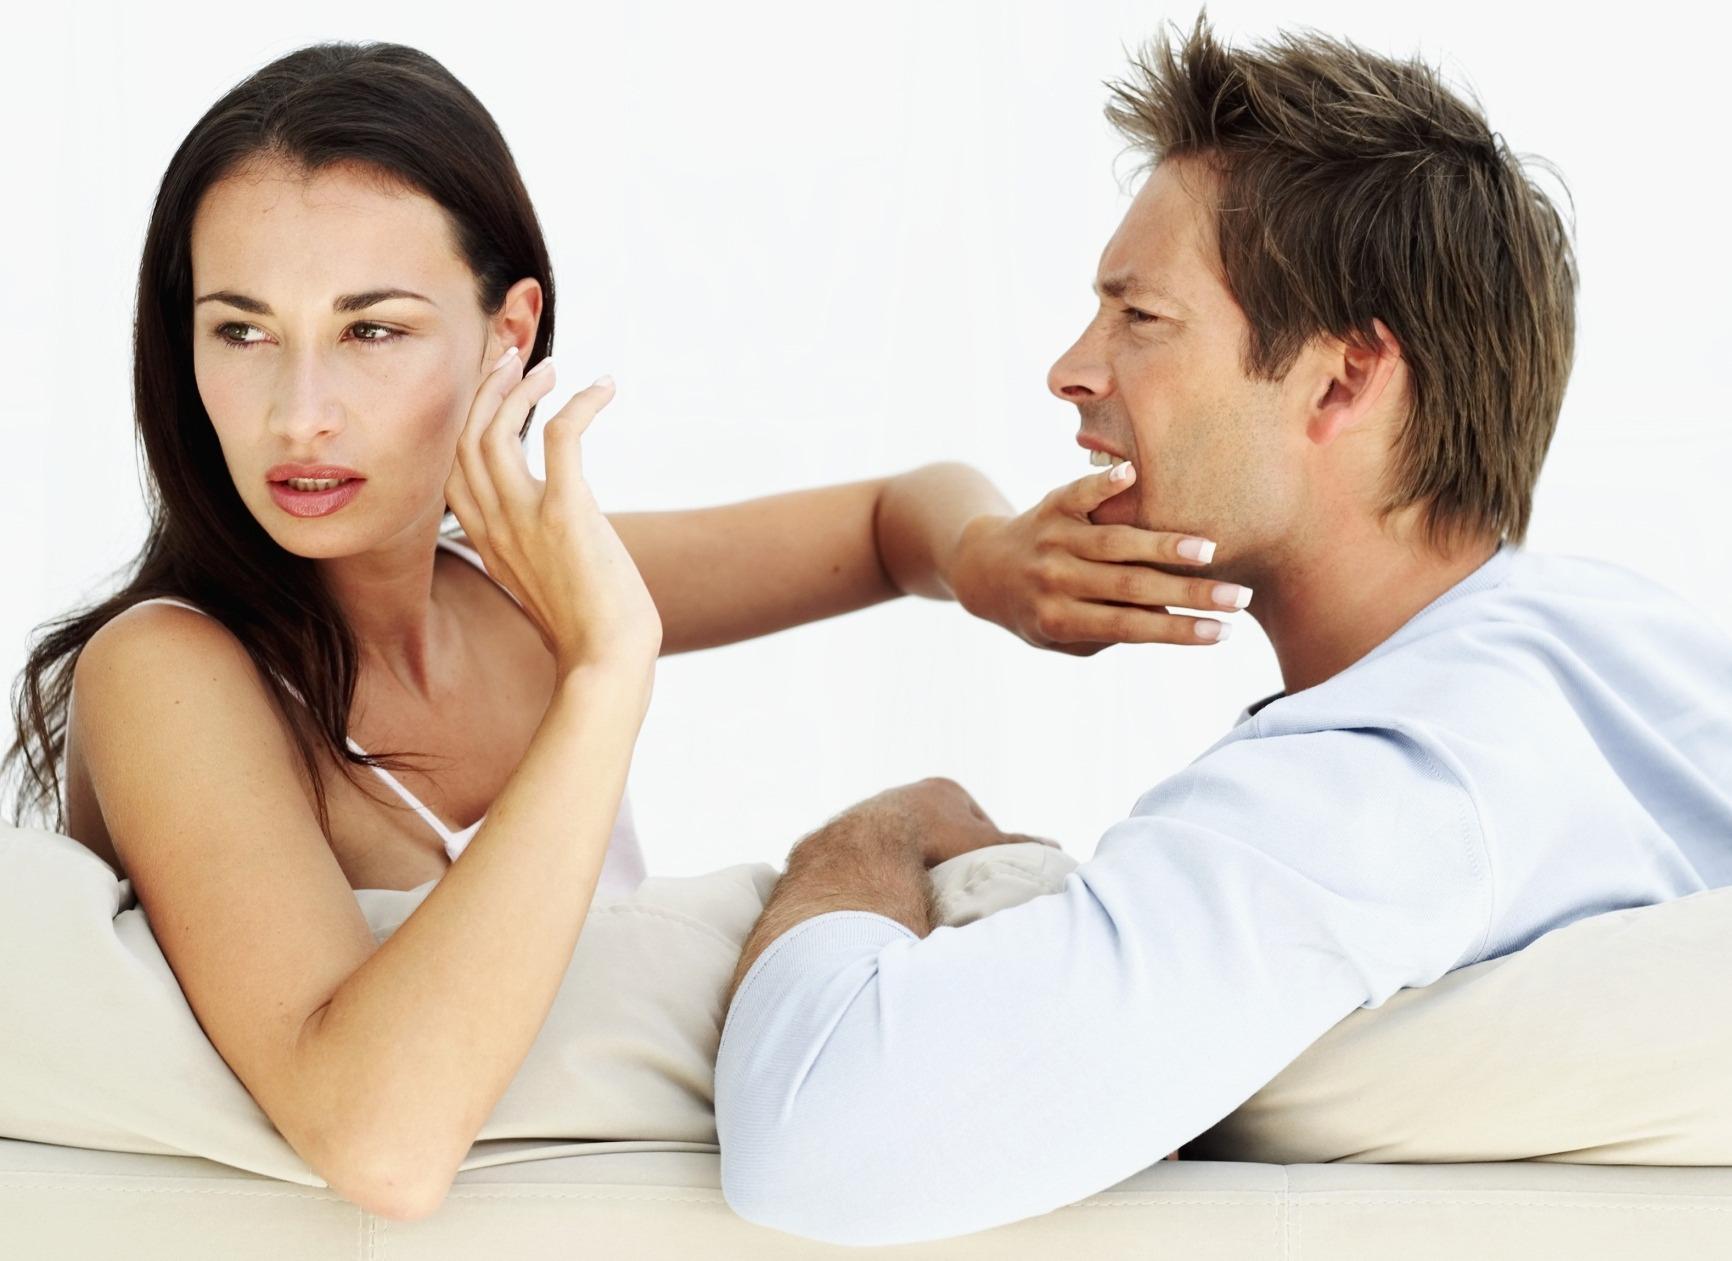 كل ما تريد معرفته عن الطلاق الشفوي.. بين البيت والمحكمة والشرع